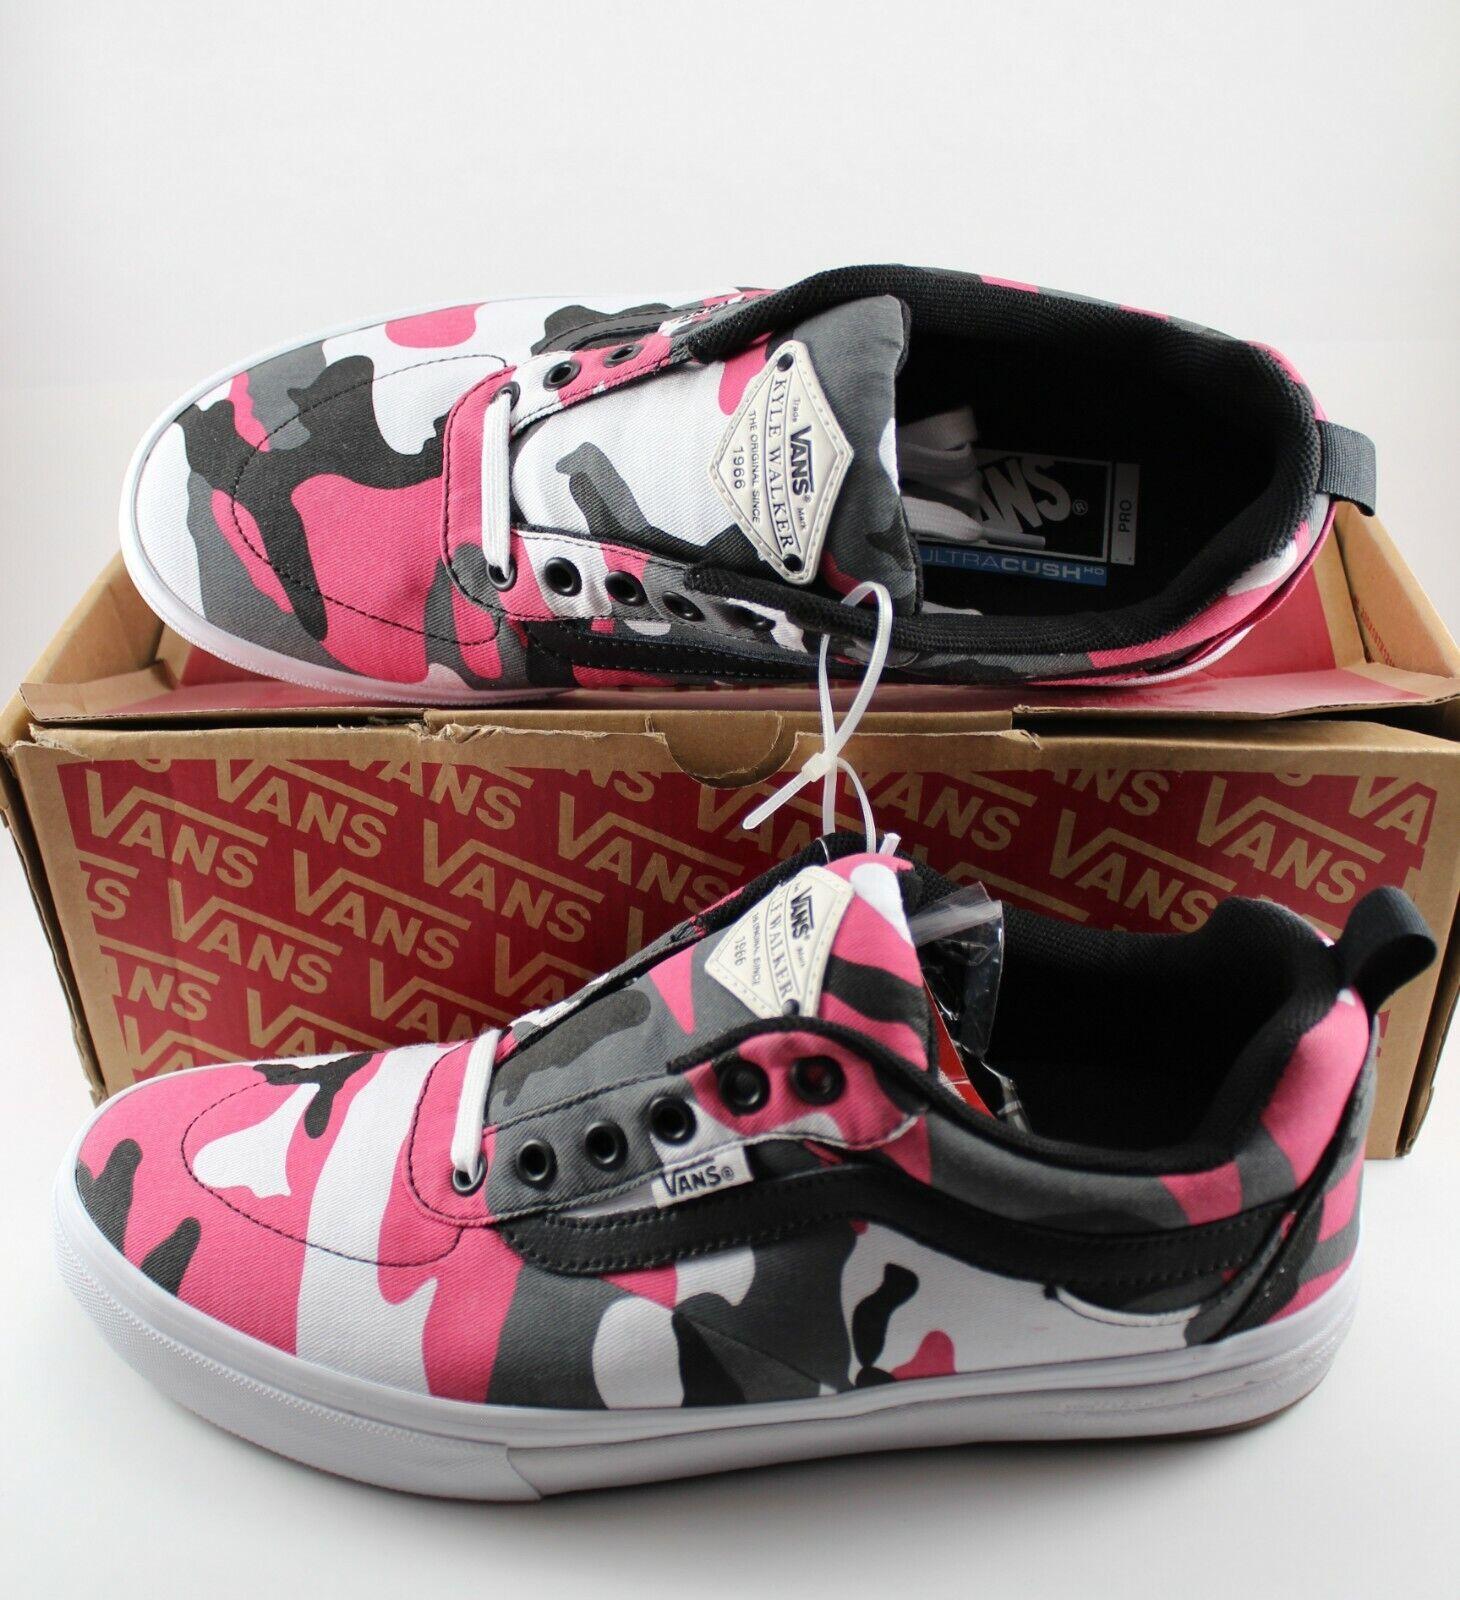 Vans Kyle Walker Pro Negro Magenta Camuflaje Zapatos  Hombre 9.5 (NIB) L @ @ K